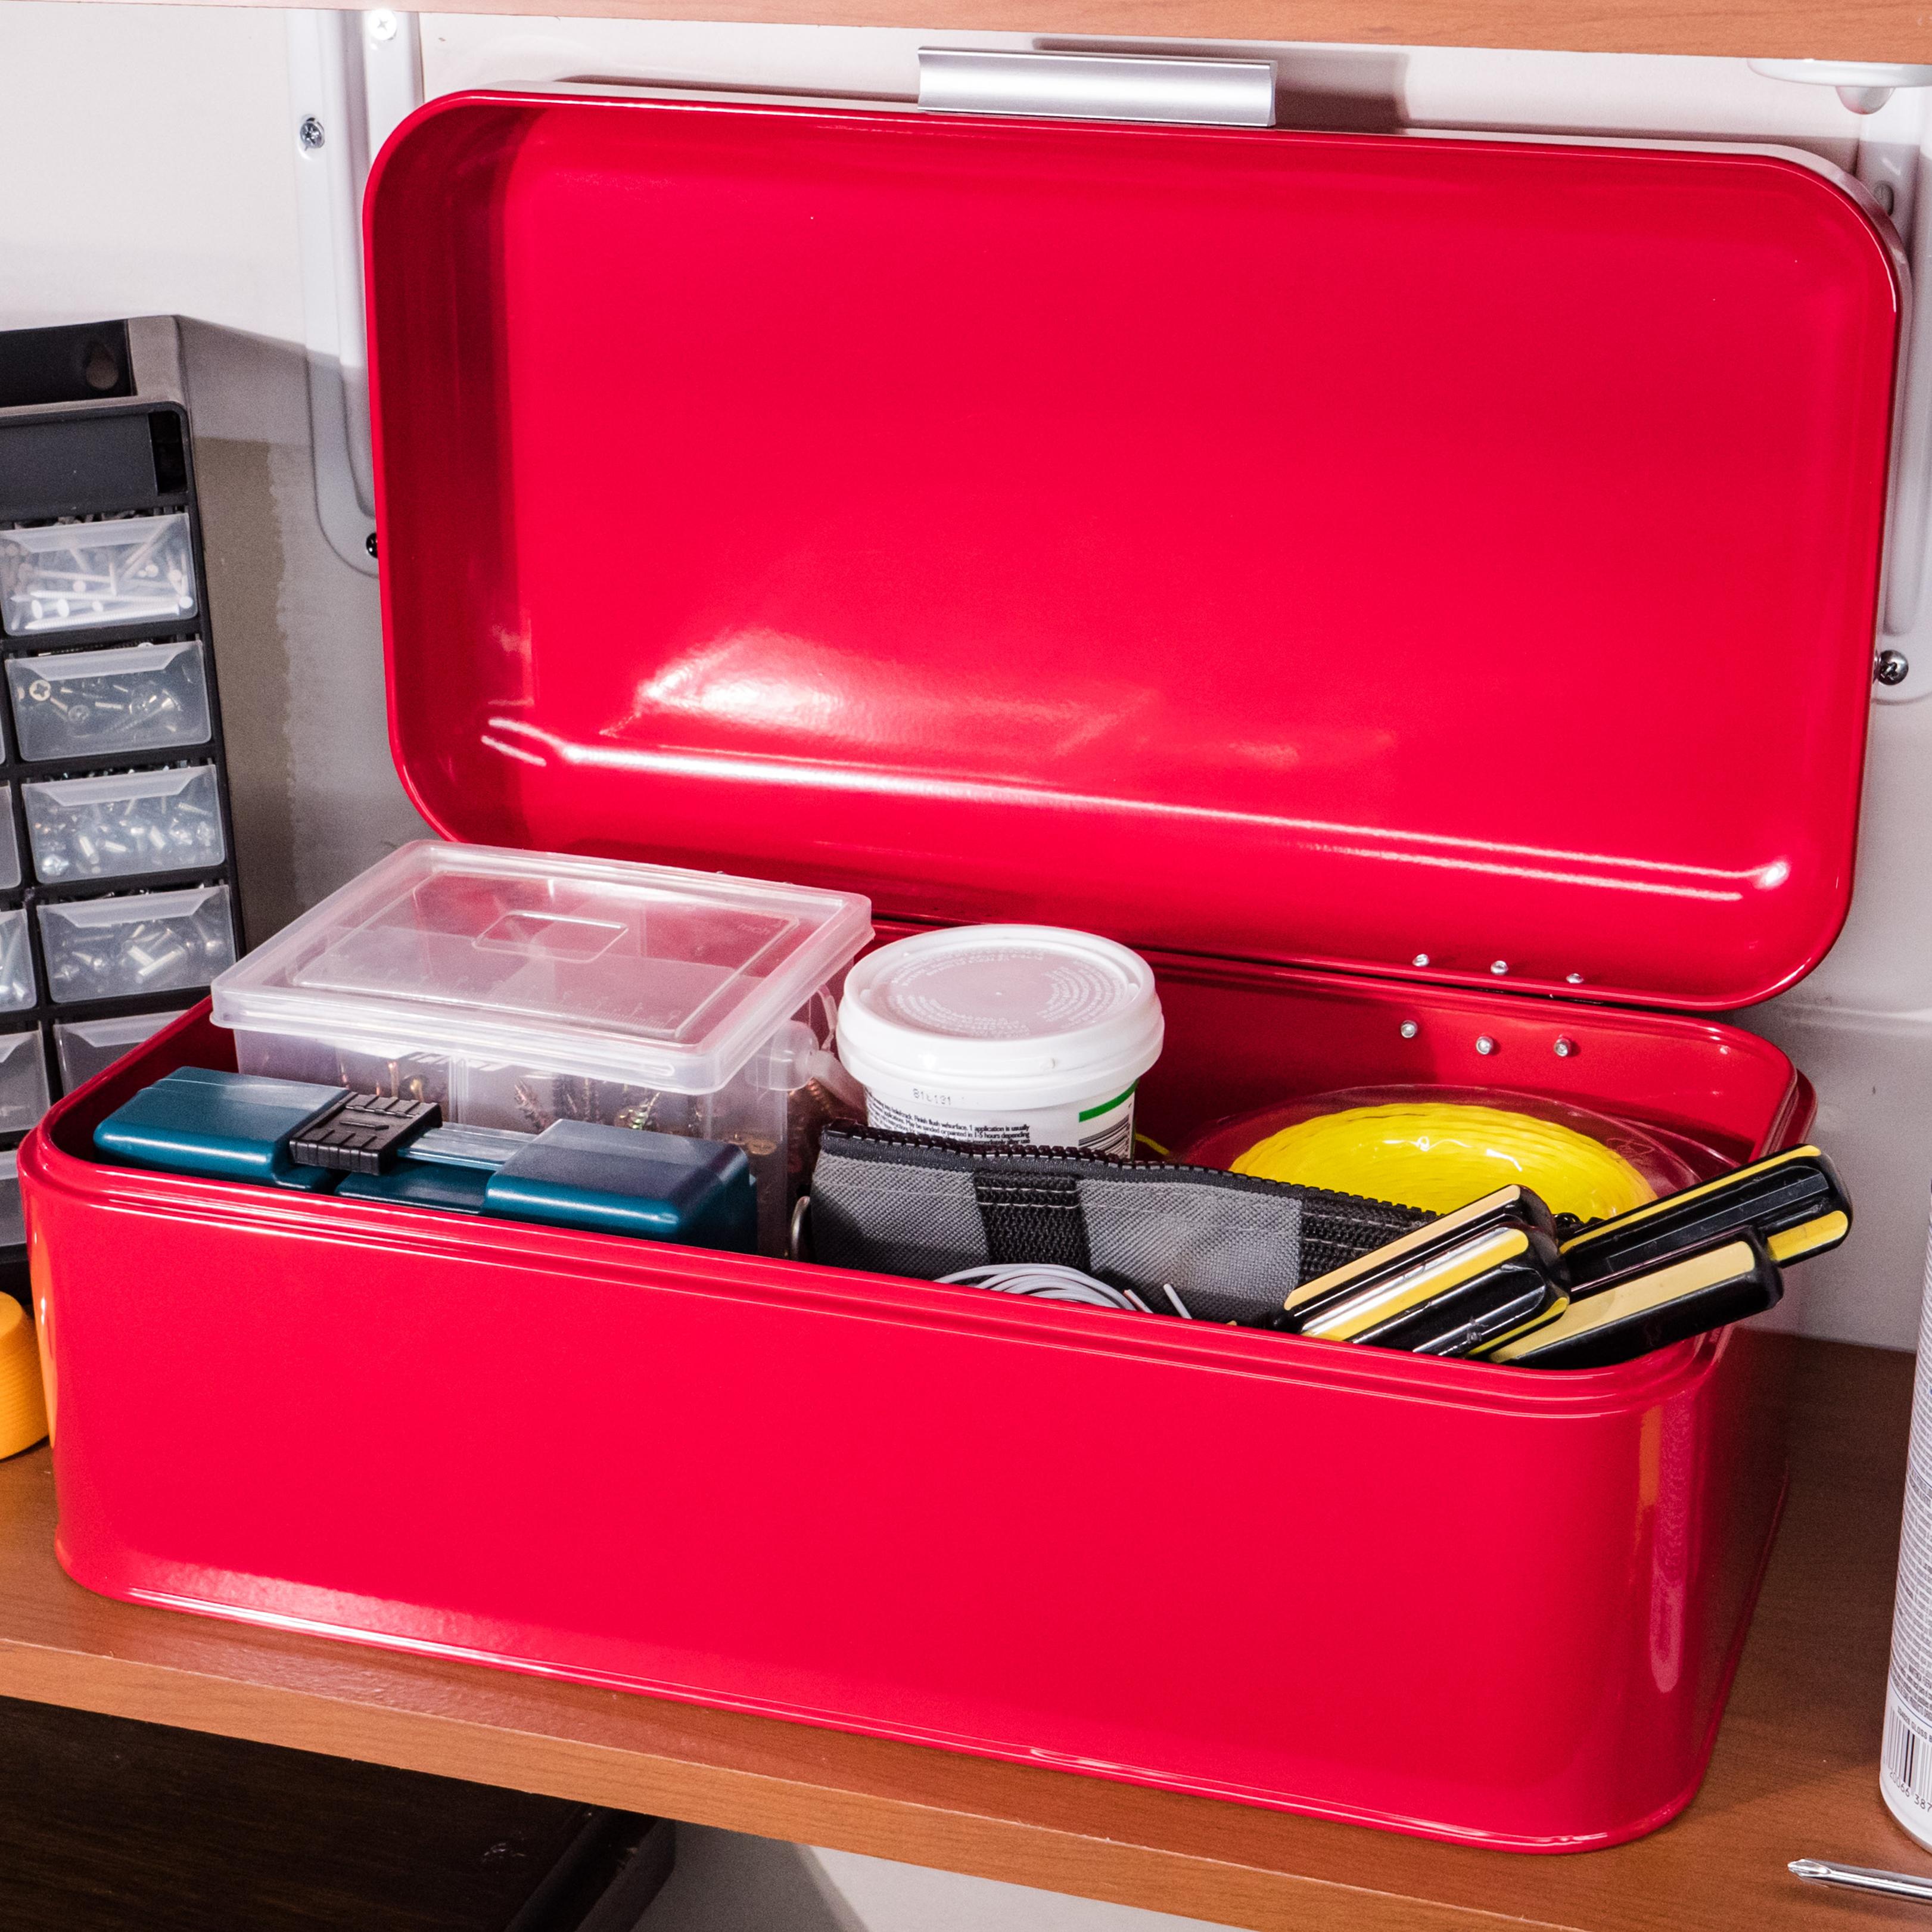 Red Storage Bin